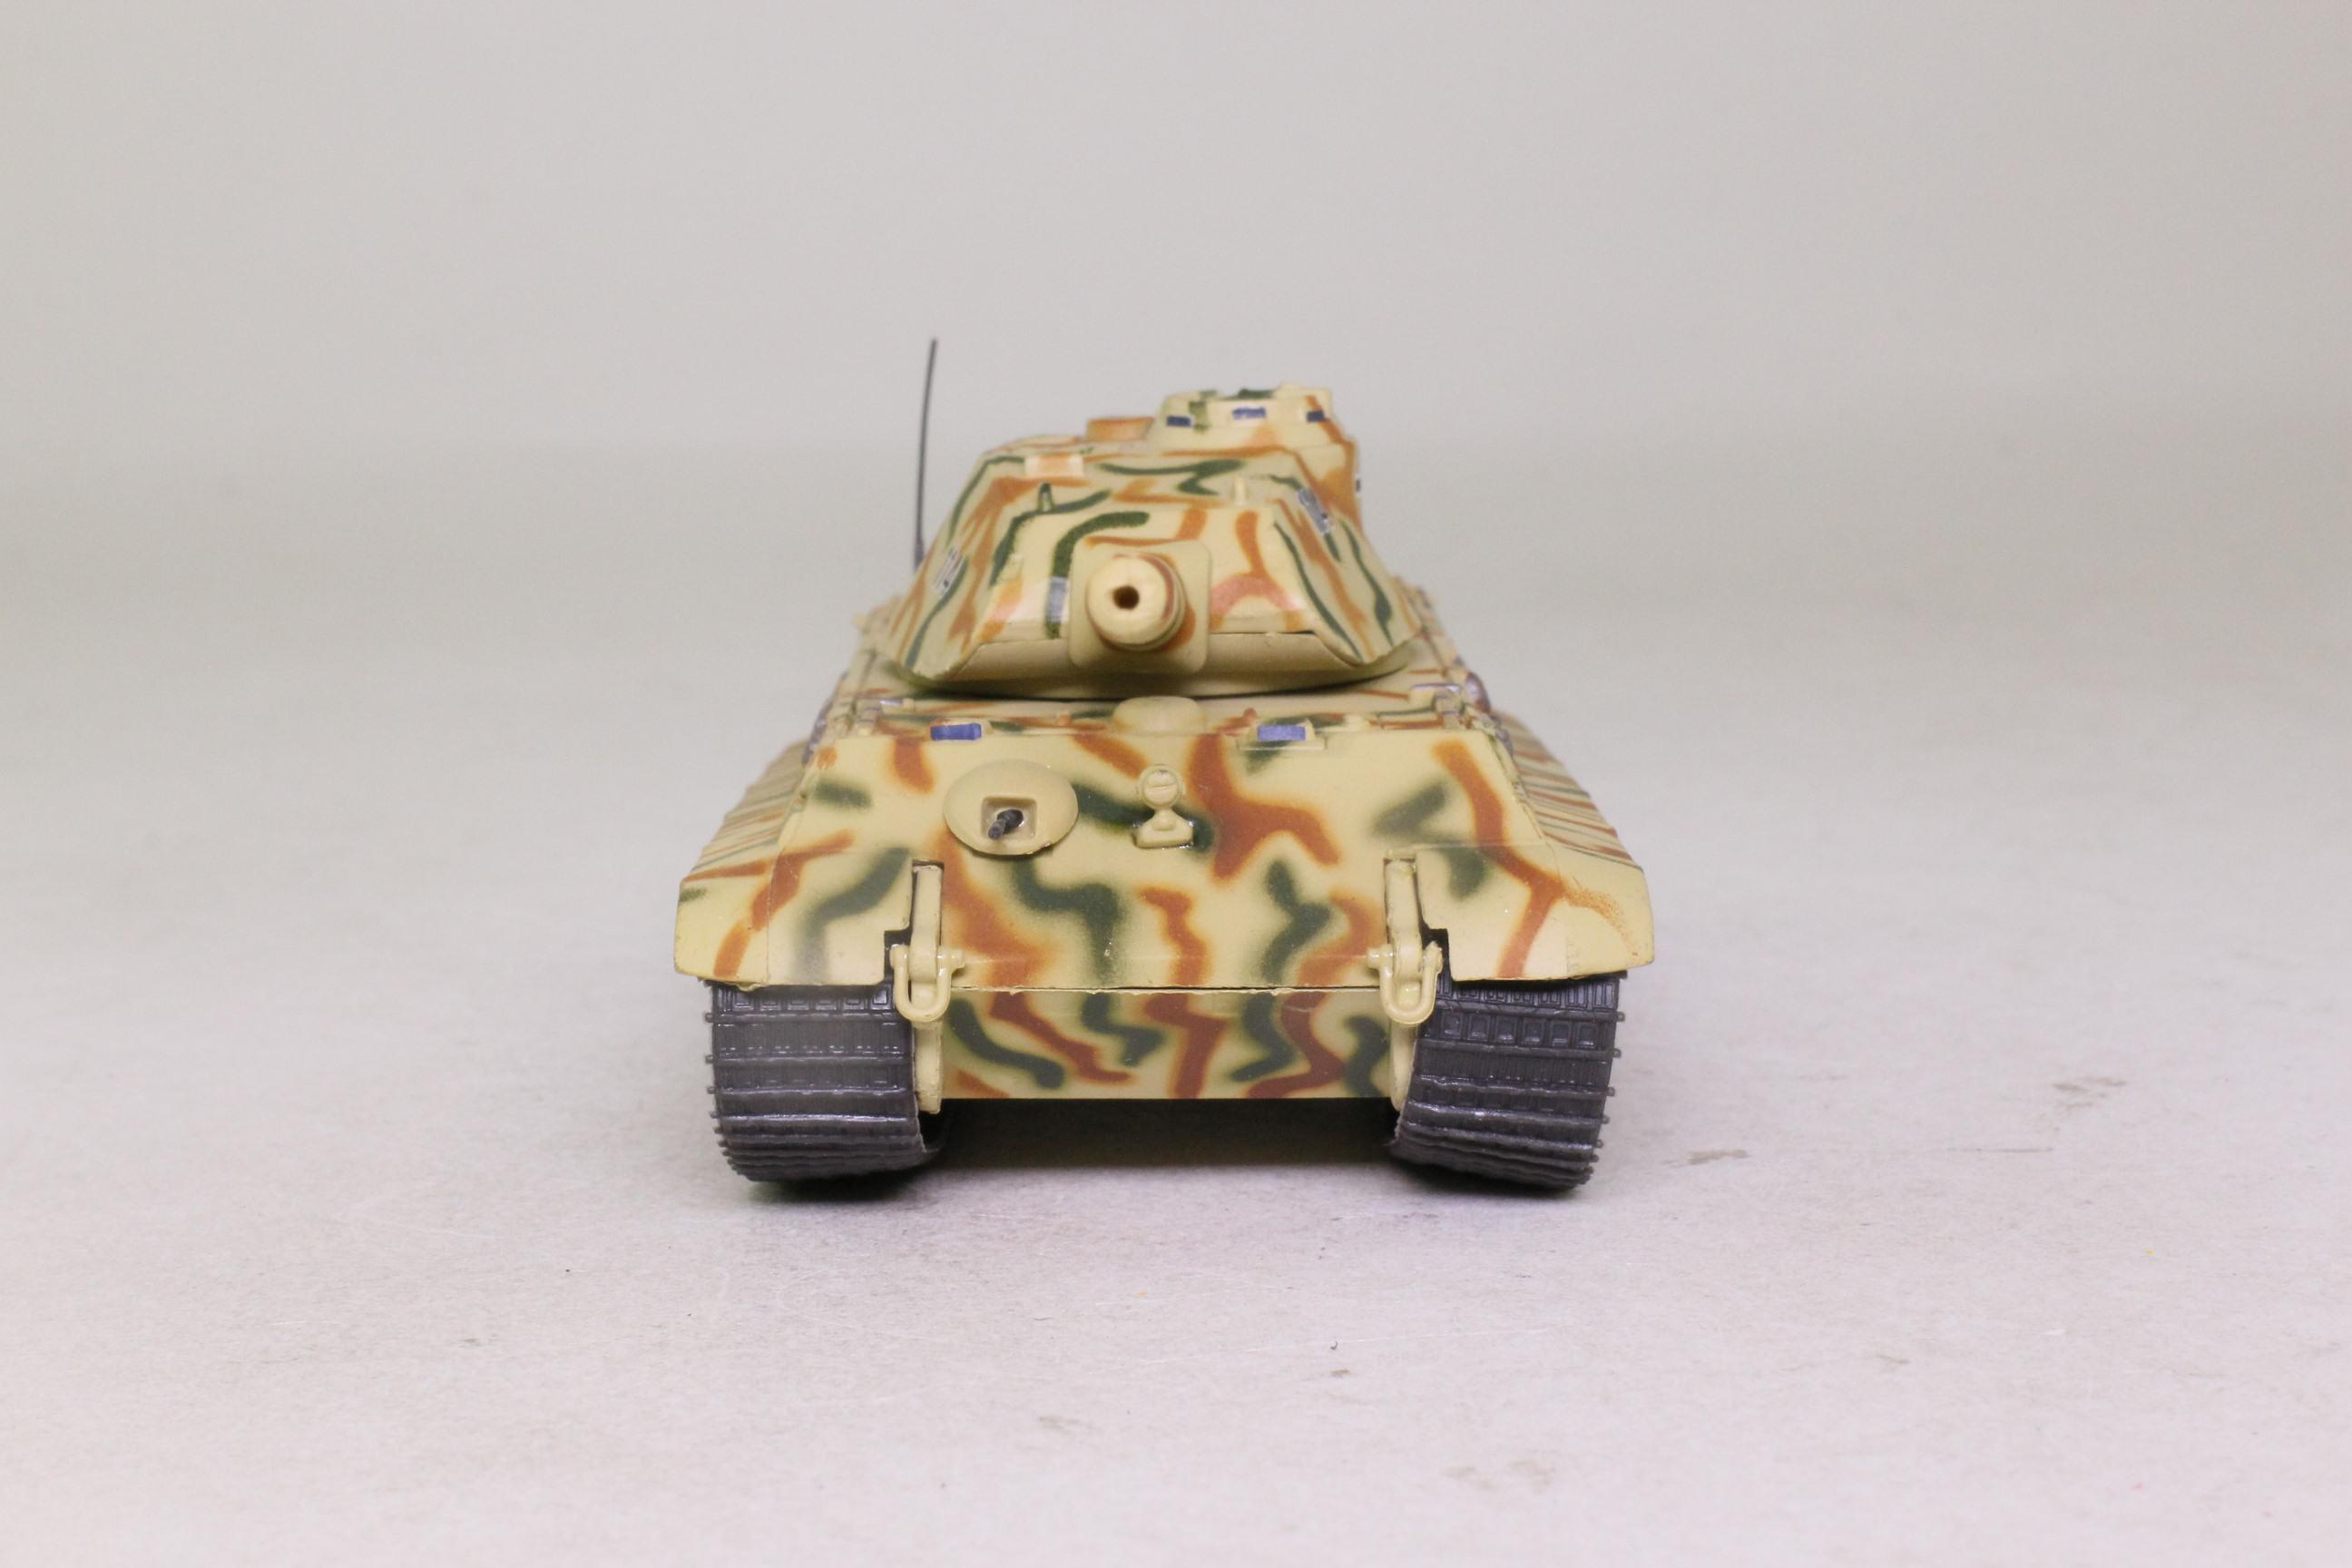 DeAgostini; Pz.Kpfw VI Tiger II Ausf. B Tank; Normandy, France 1944